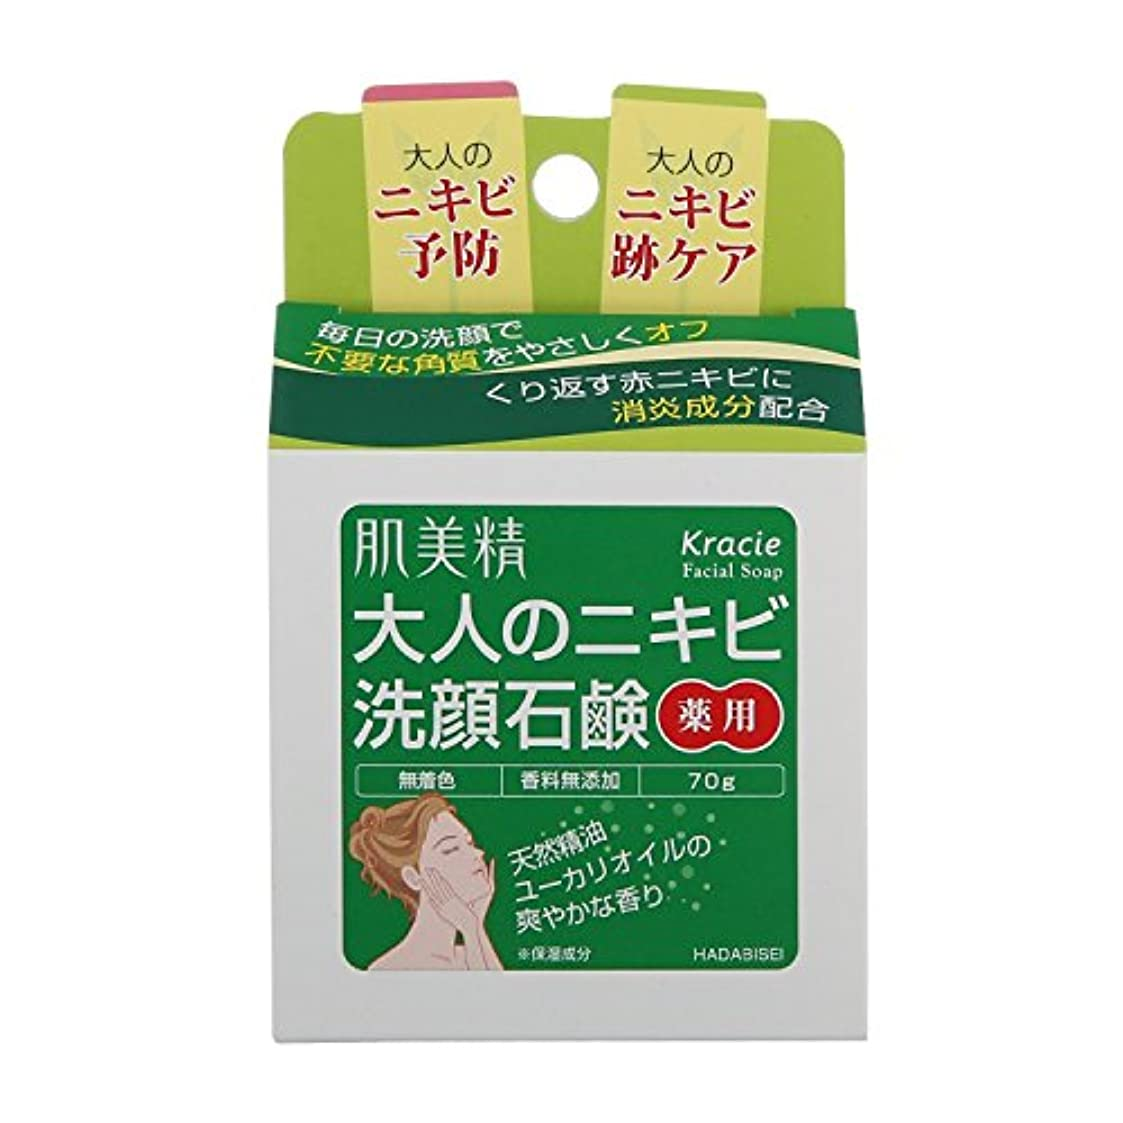 抜粋病んでいるヘクタール肌美精 大人のニキビ 薬用洗顔石鹸 70g ×6点セット